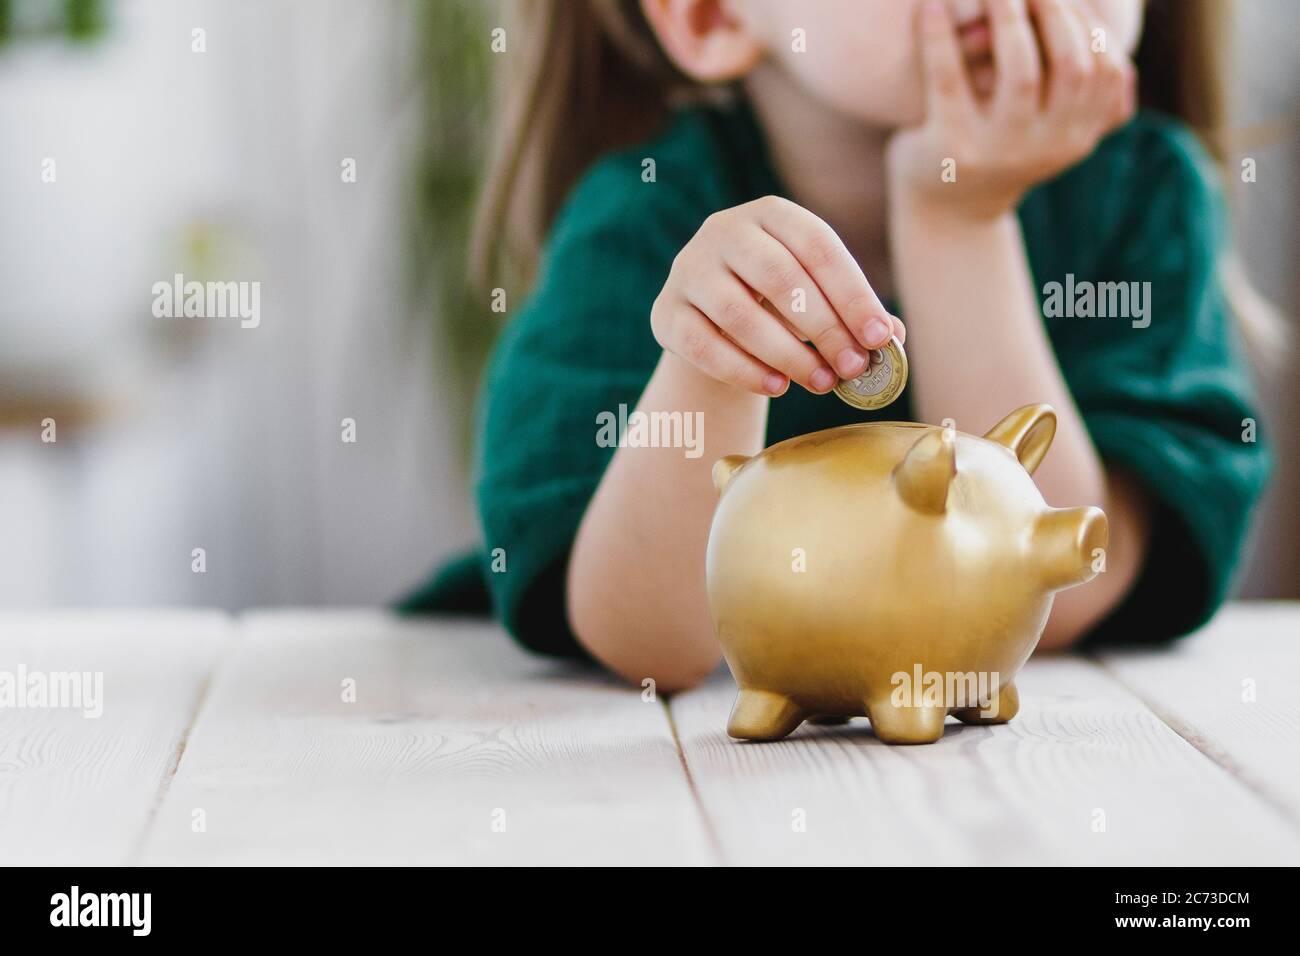 Bambina in abito verde pensando alla sua spesa di soldi e mettere una moneta in una banca piggy. Concetto di risparmio di denaro Foto Stock